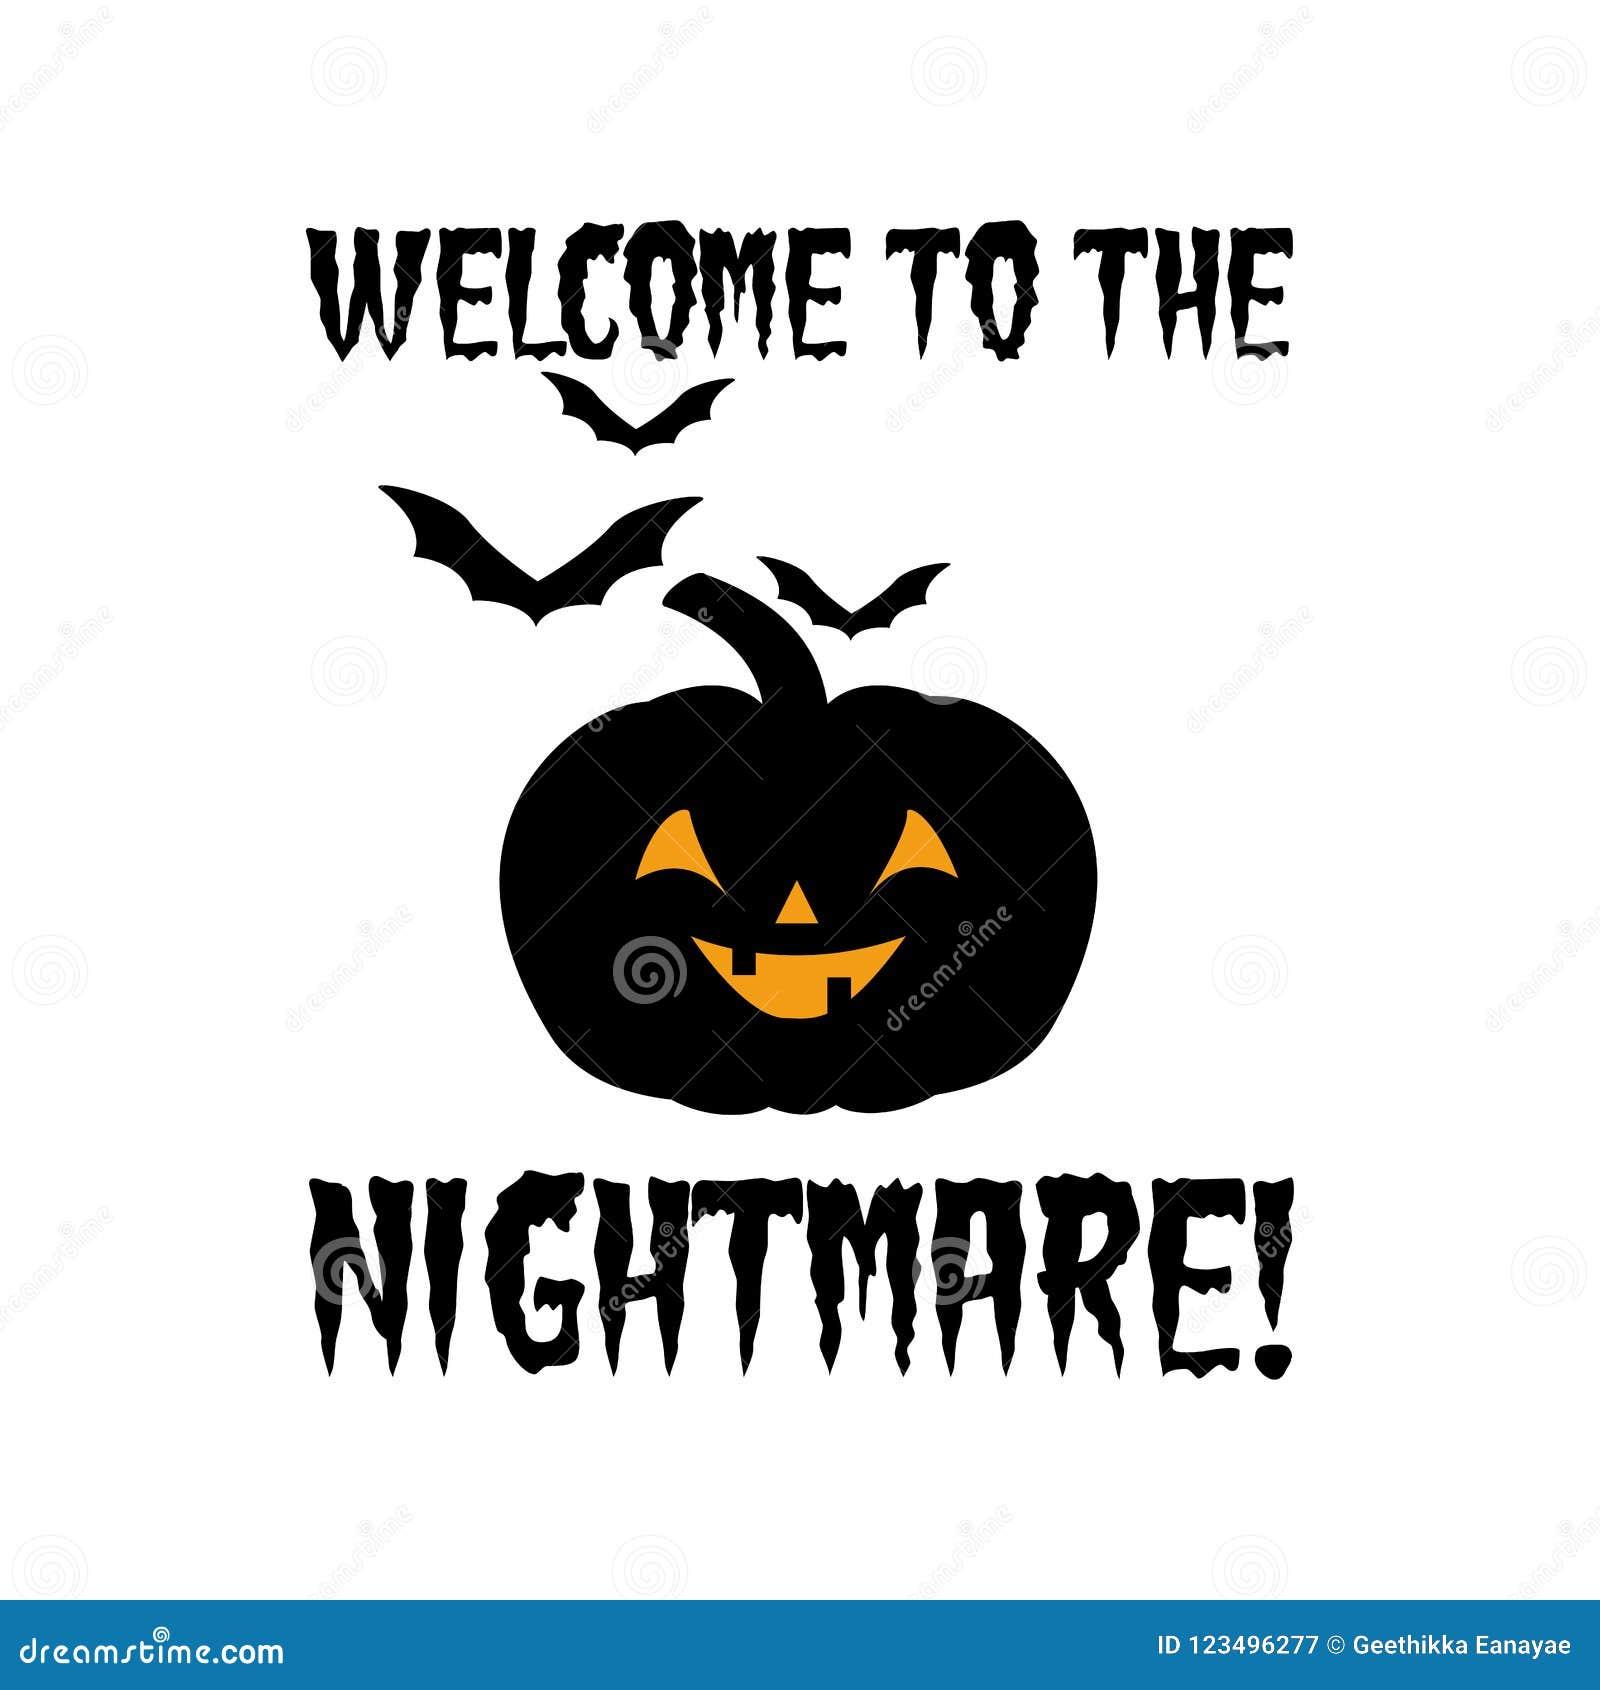 october halloween marketing theme 2. great halloween slogan ideas